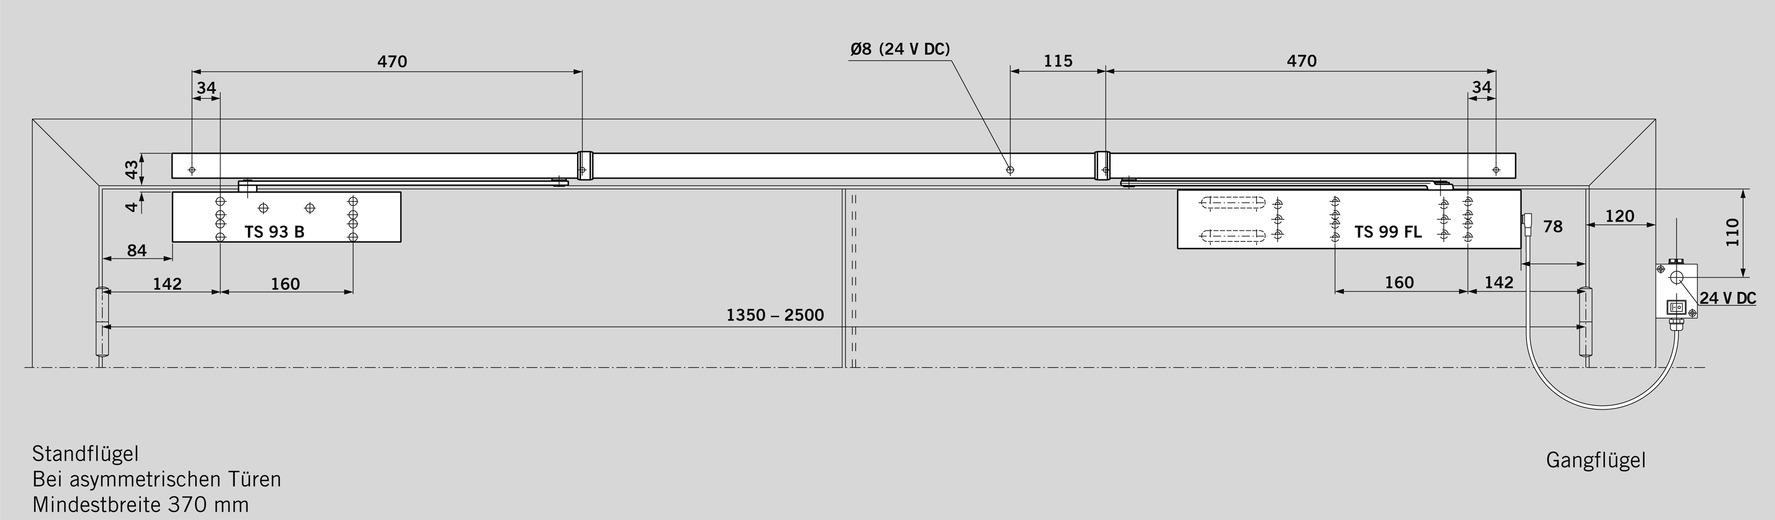 Ferme-porte débrayable DORMA TS 99 FL pourr GSR design Contur